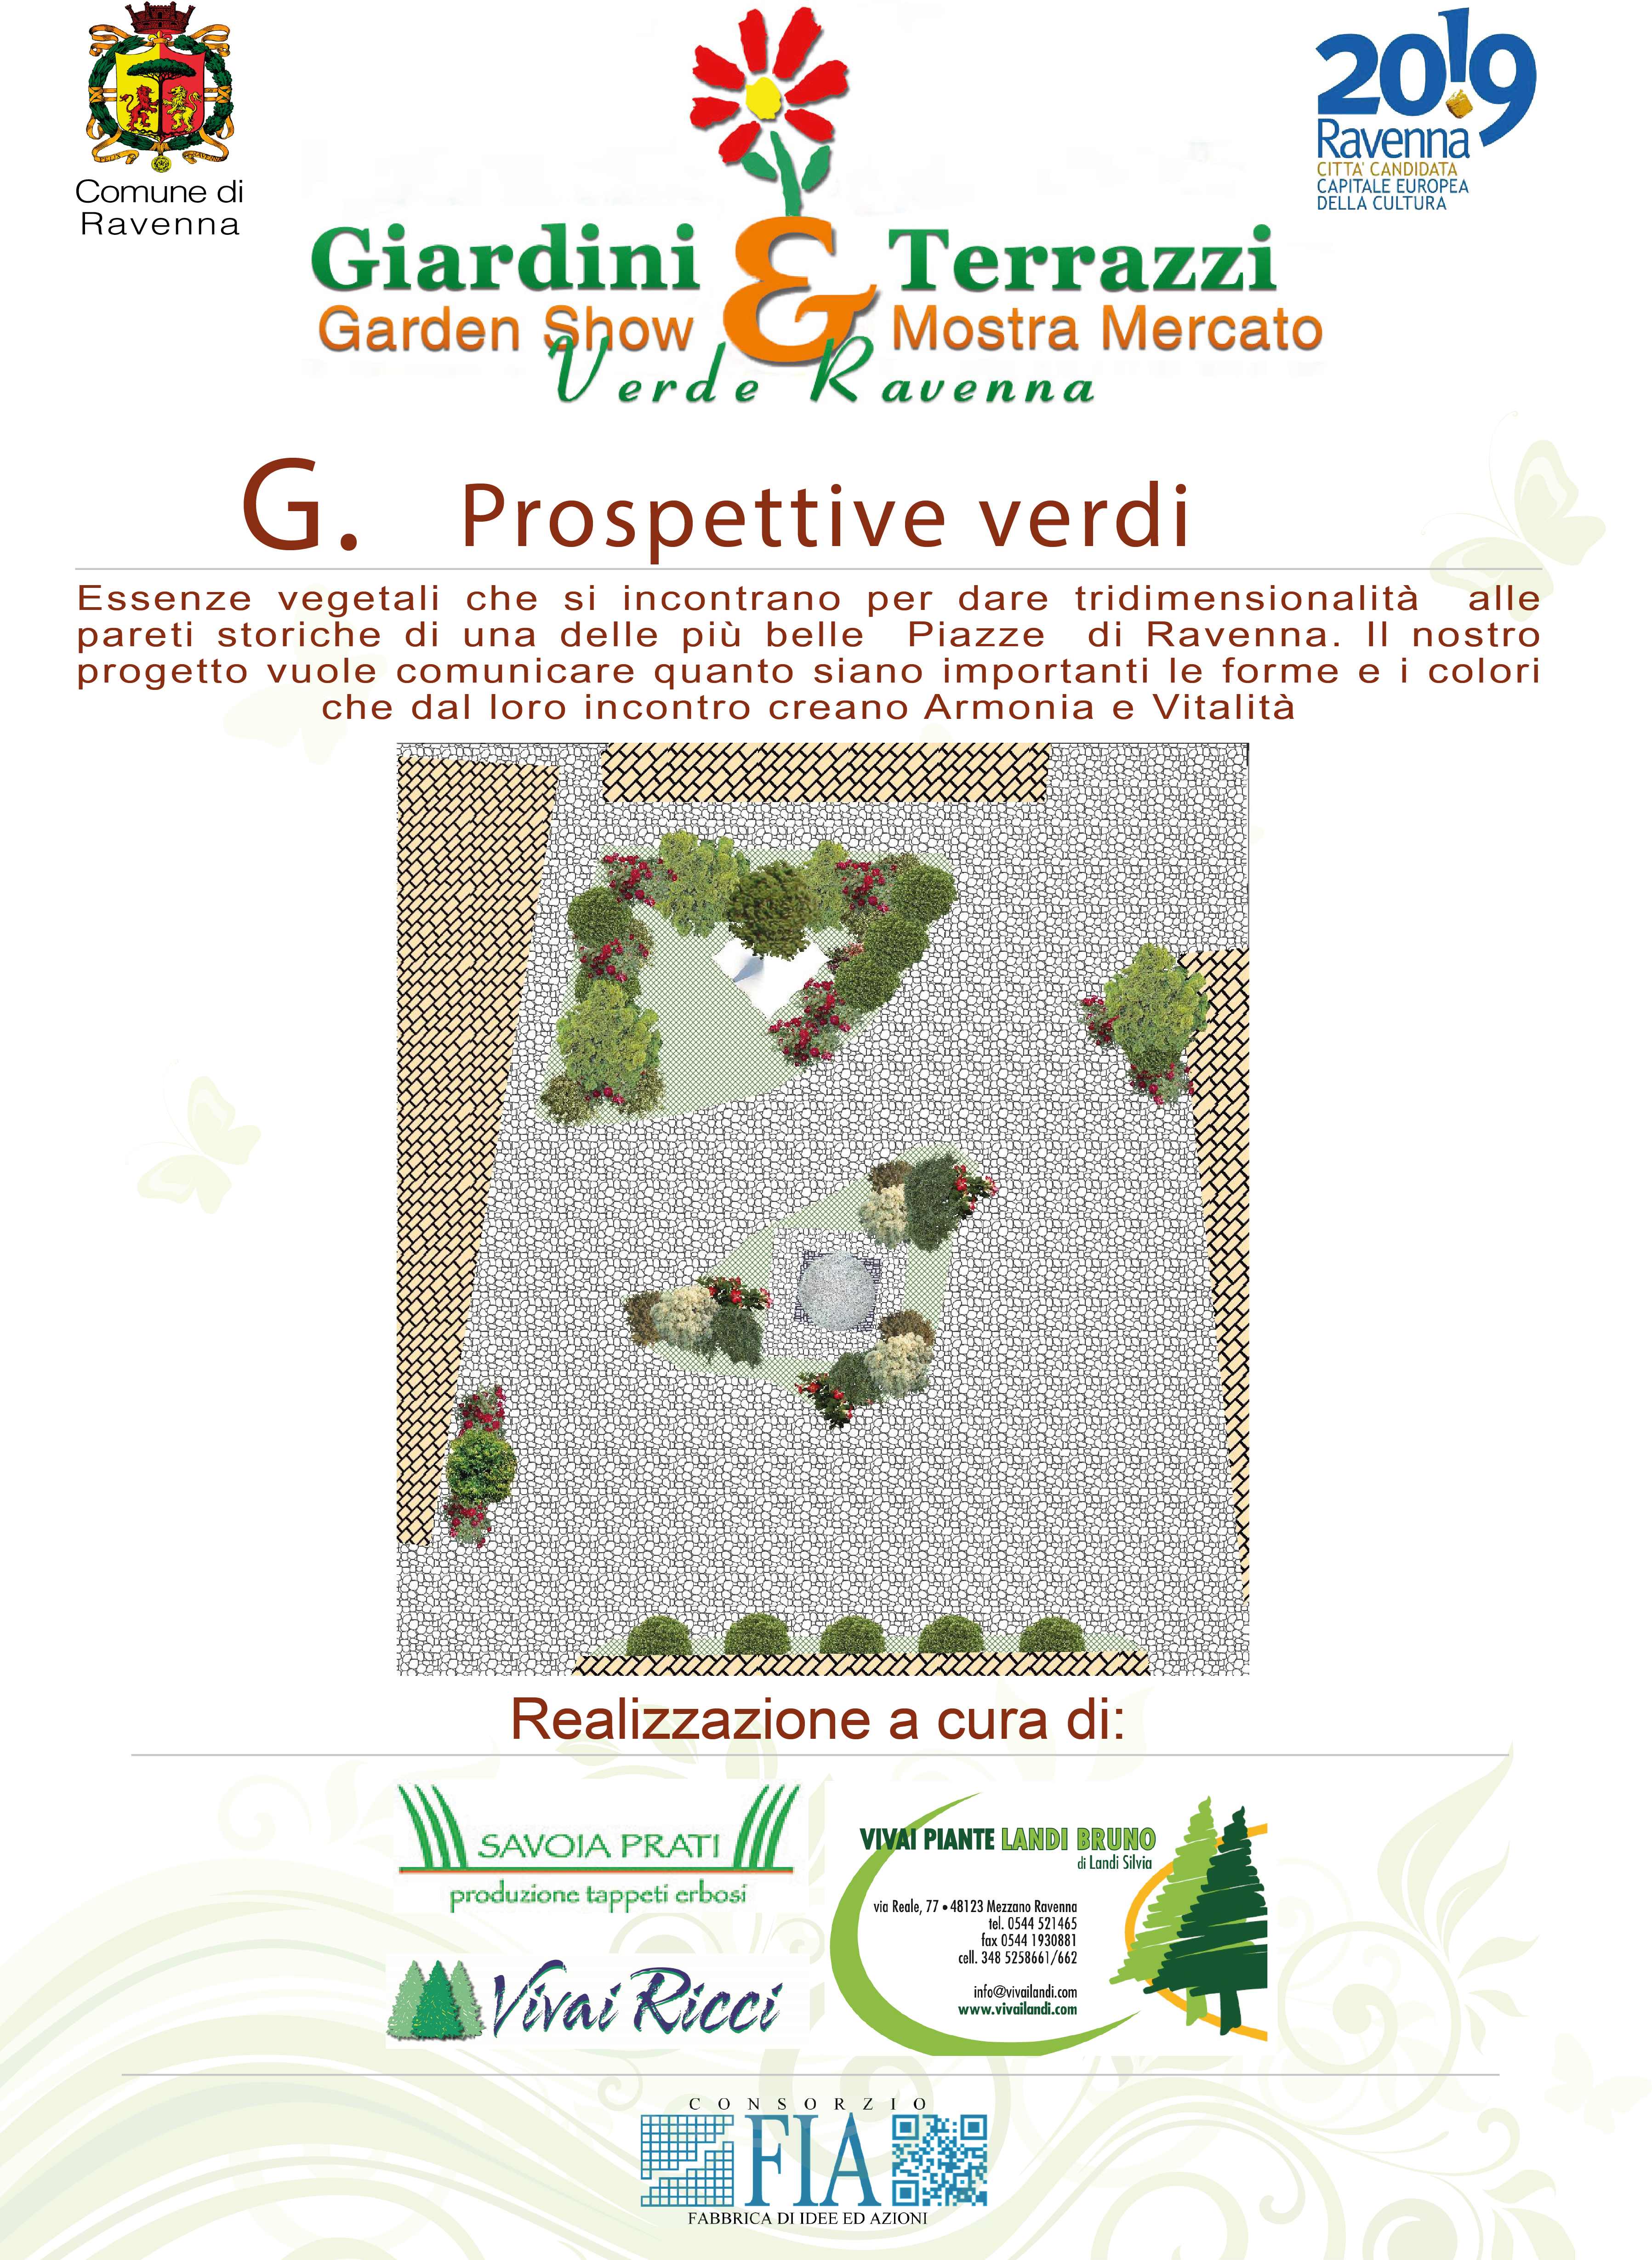 realizzazione giardini | giardini & terrazzi - Giardini E Terrazzi Garden Show Mostra Mercato